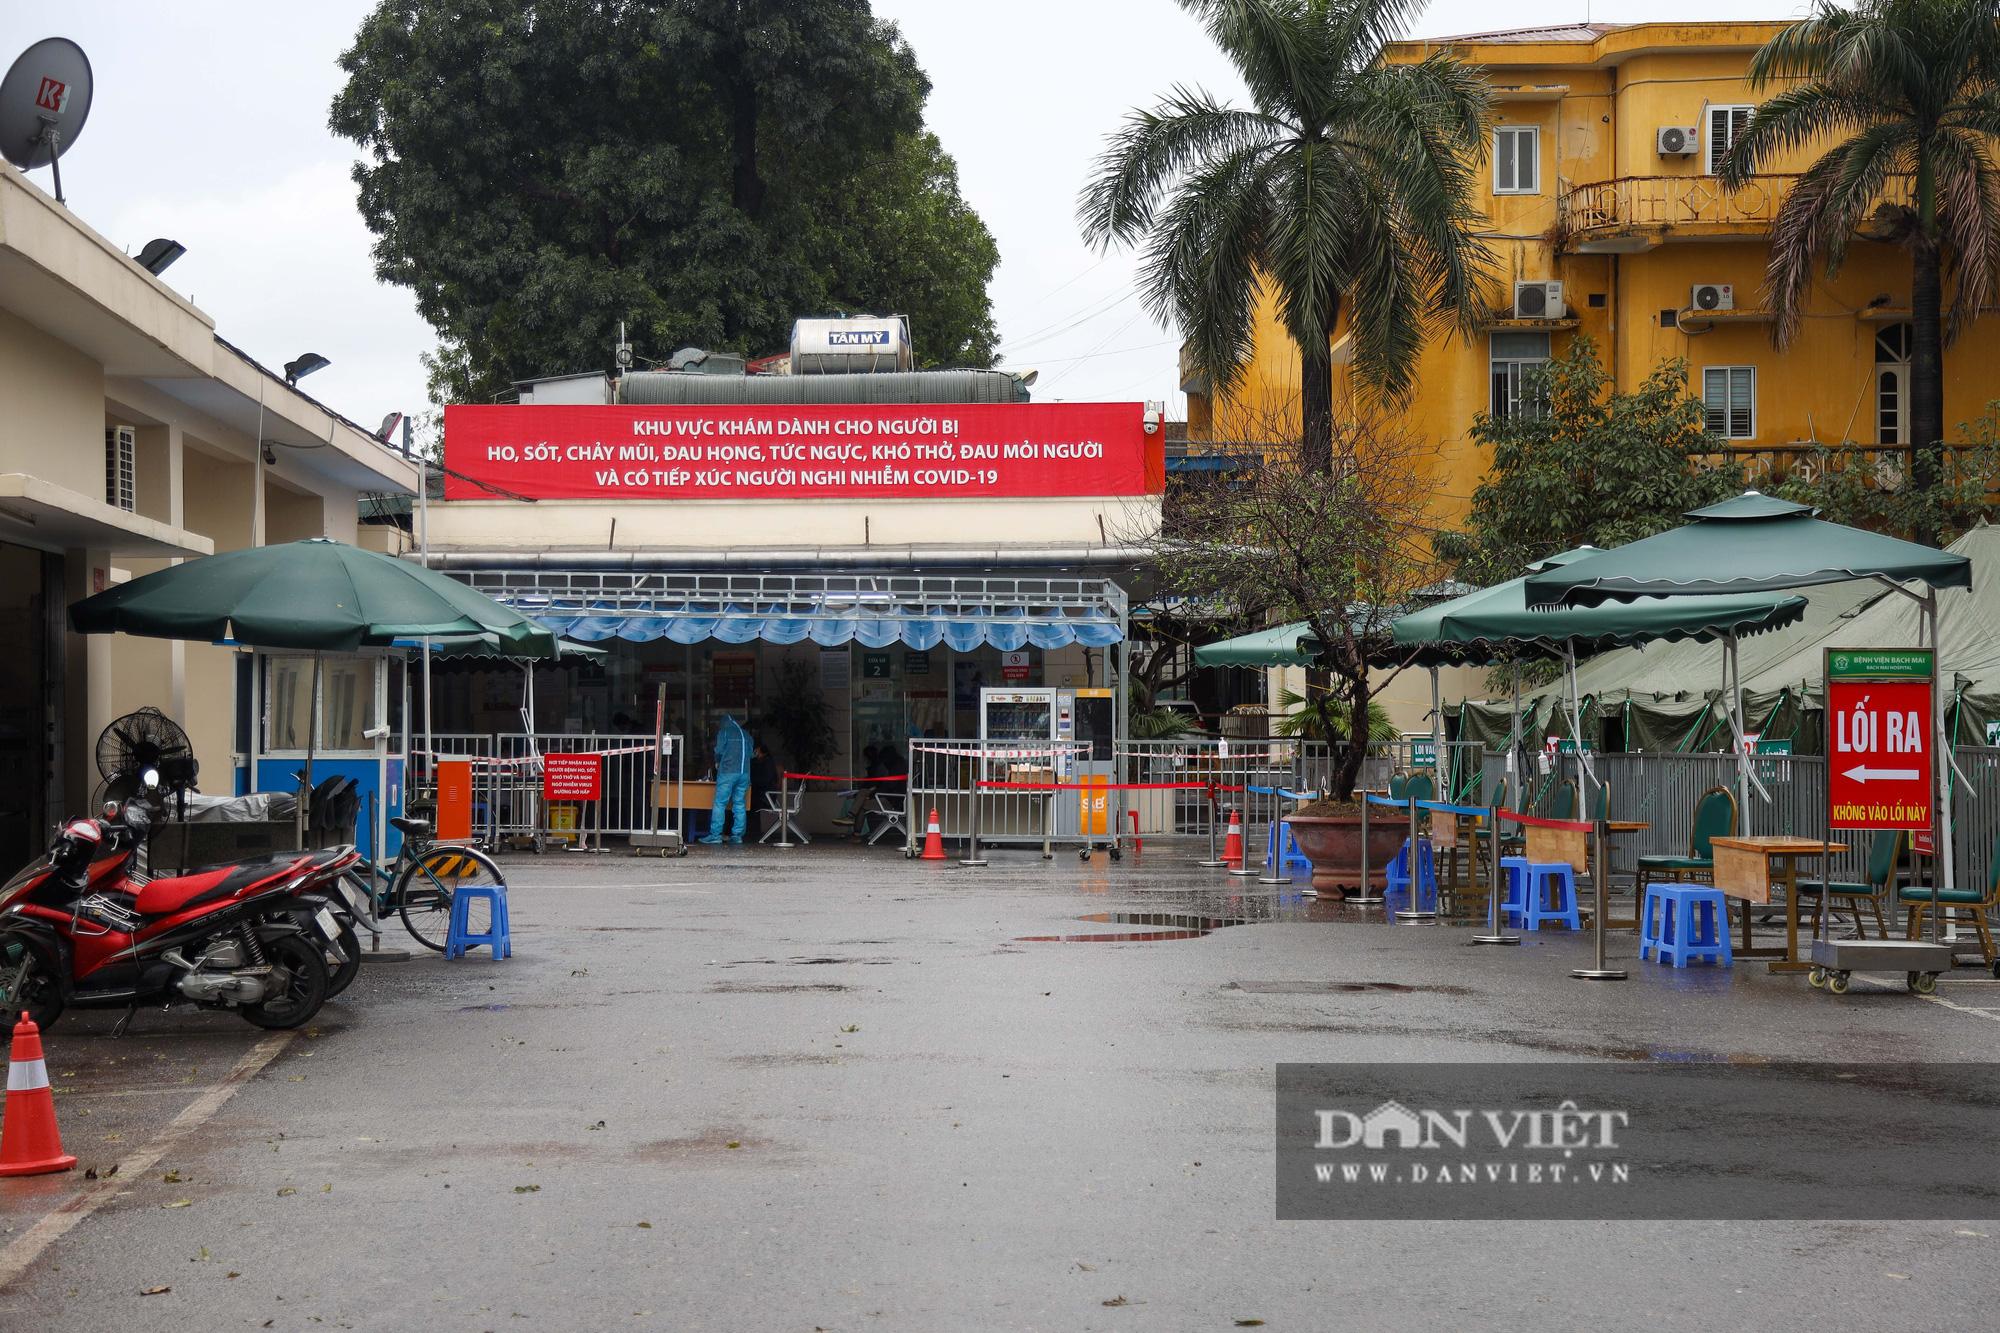 Cận cảnh bệnh viện dã chiến xây trong 4 tiếng ở Hà Nội  - Ảnh 3.